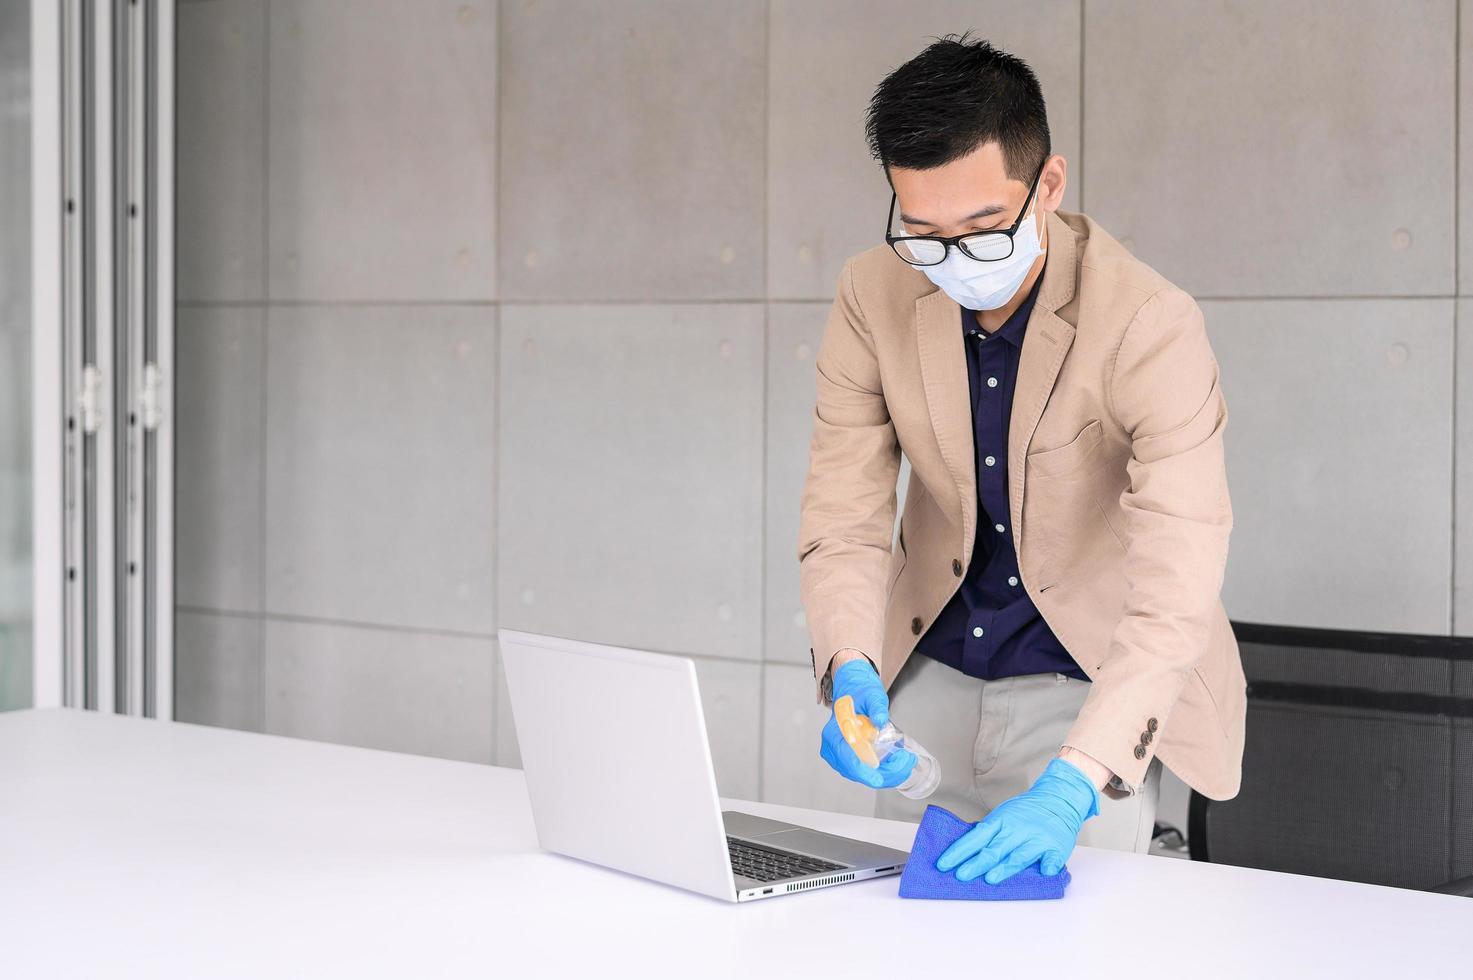 Geschäftsmann, der Mikrofasertuch verwendet, um Laptop und Tisch zu reinigen foto